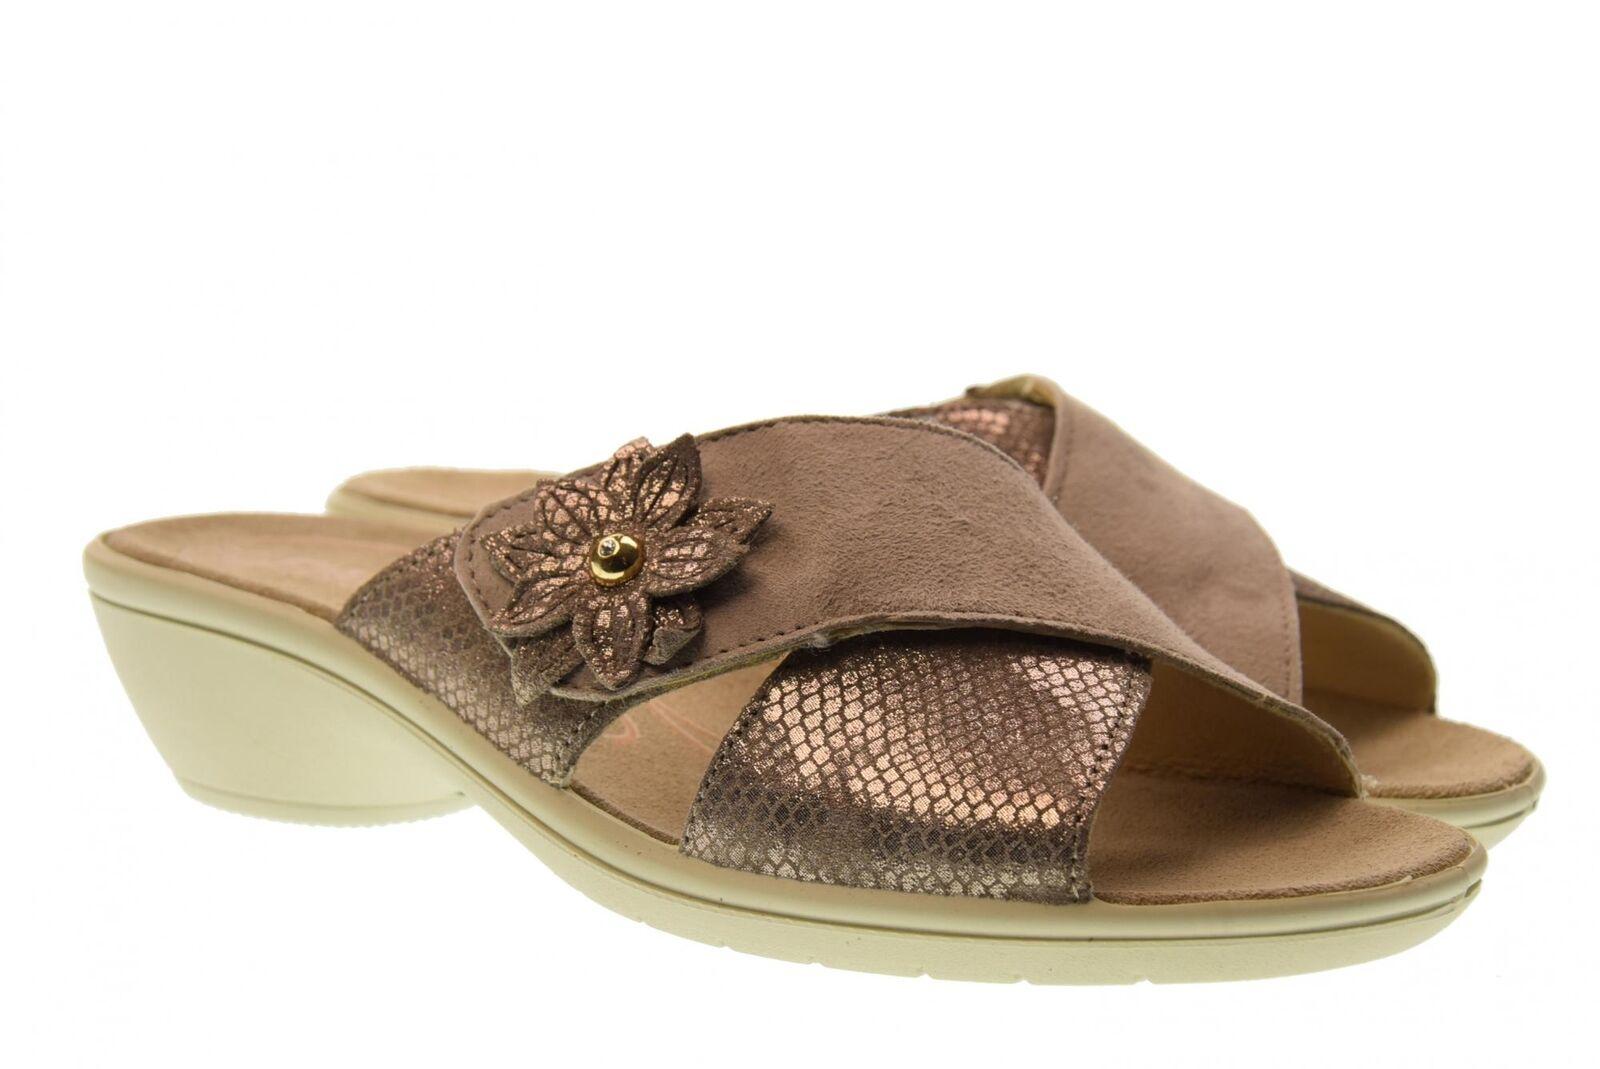 Último gran descuento Enval Soft scarpe donna ciabatta 1276133 BEIGE P18